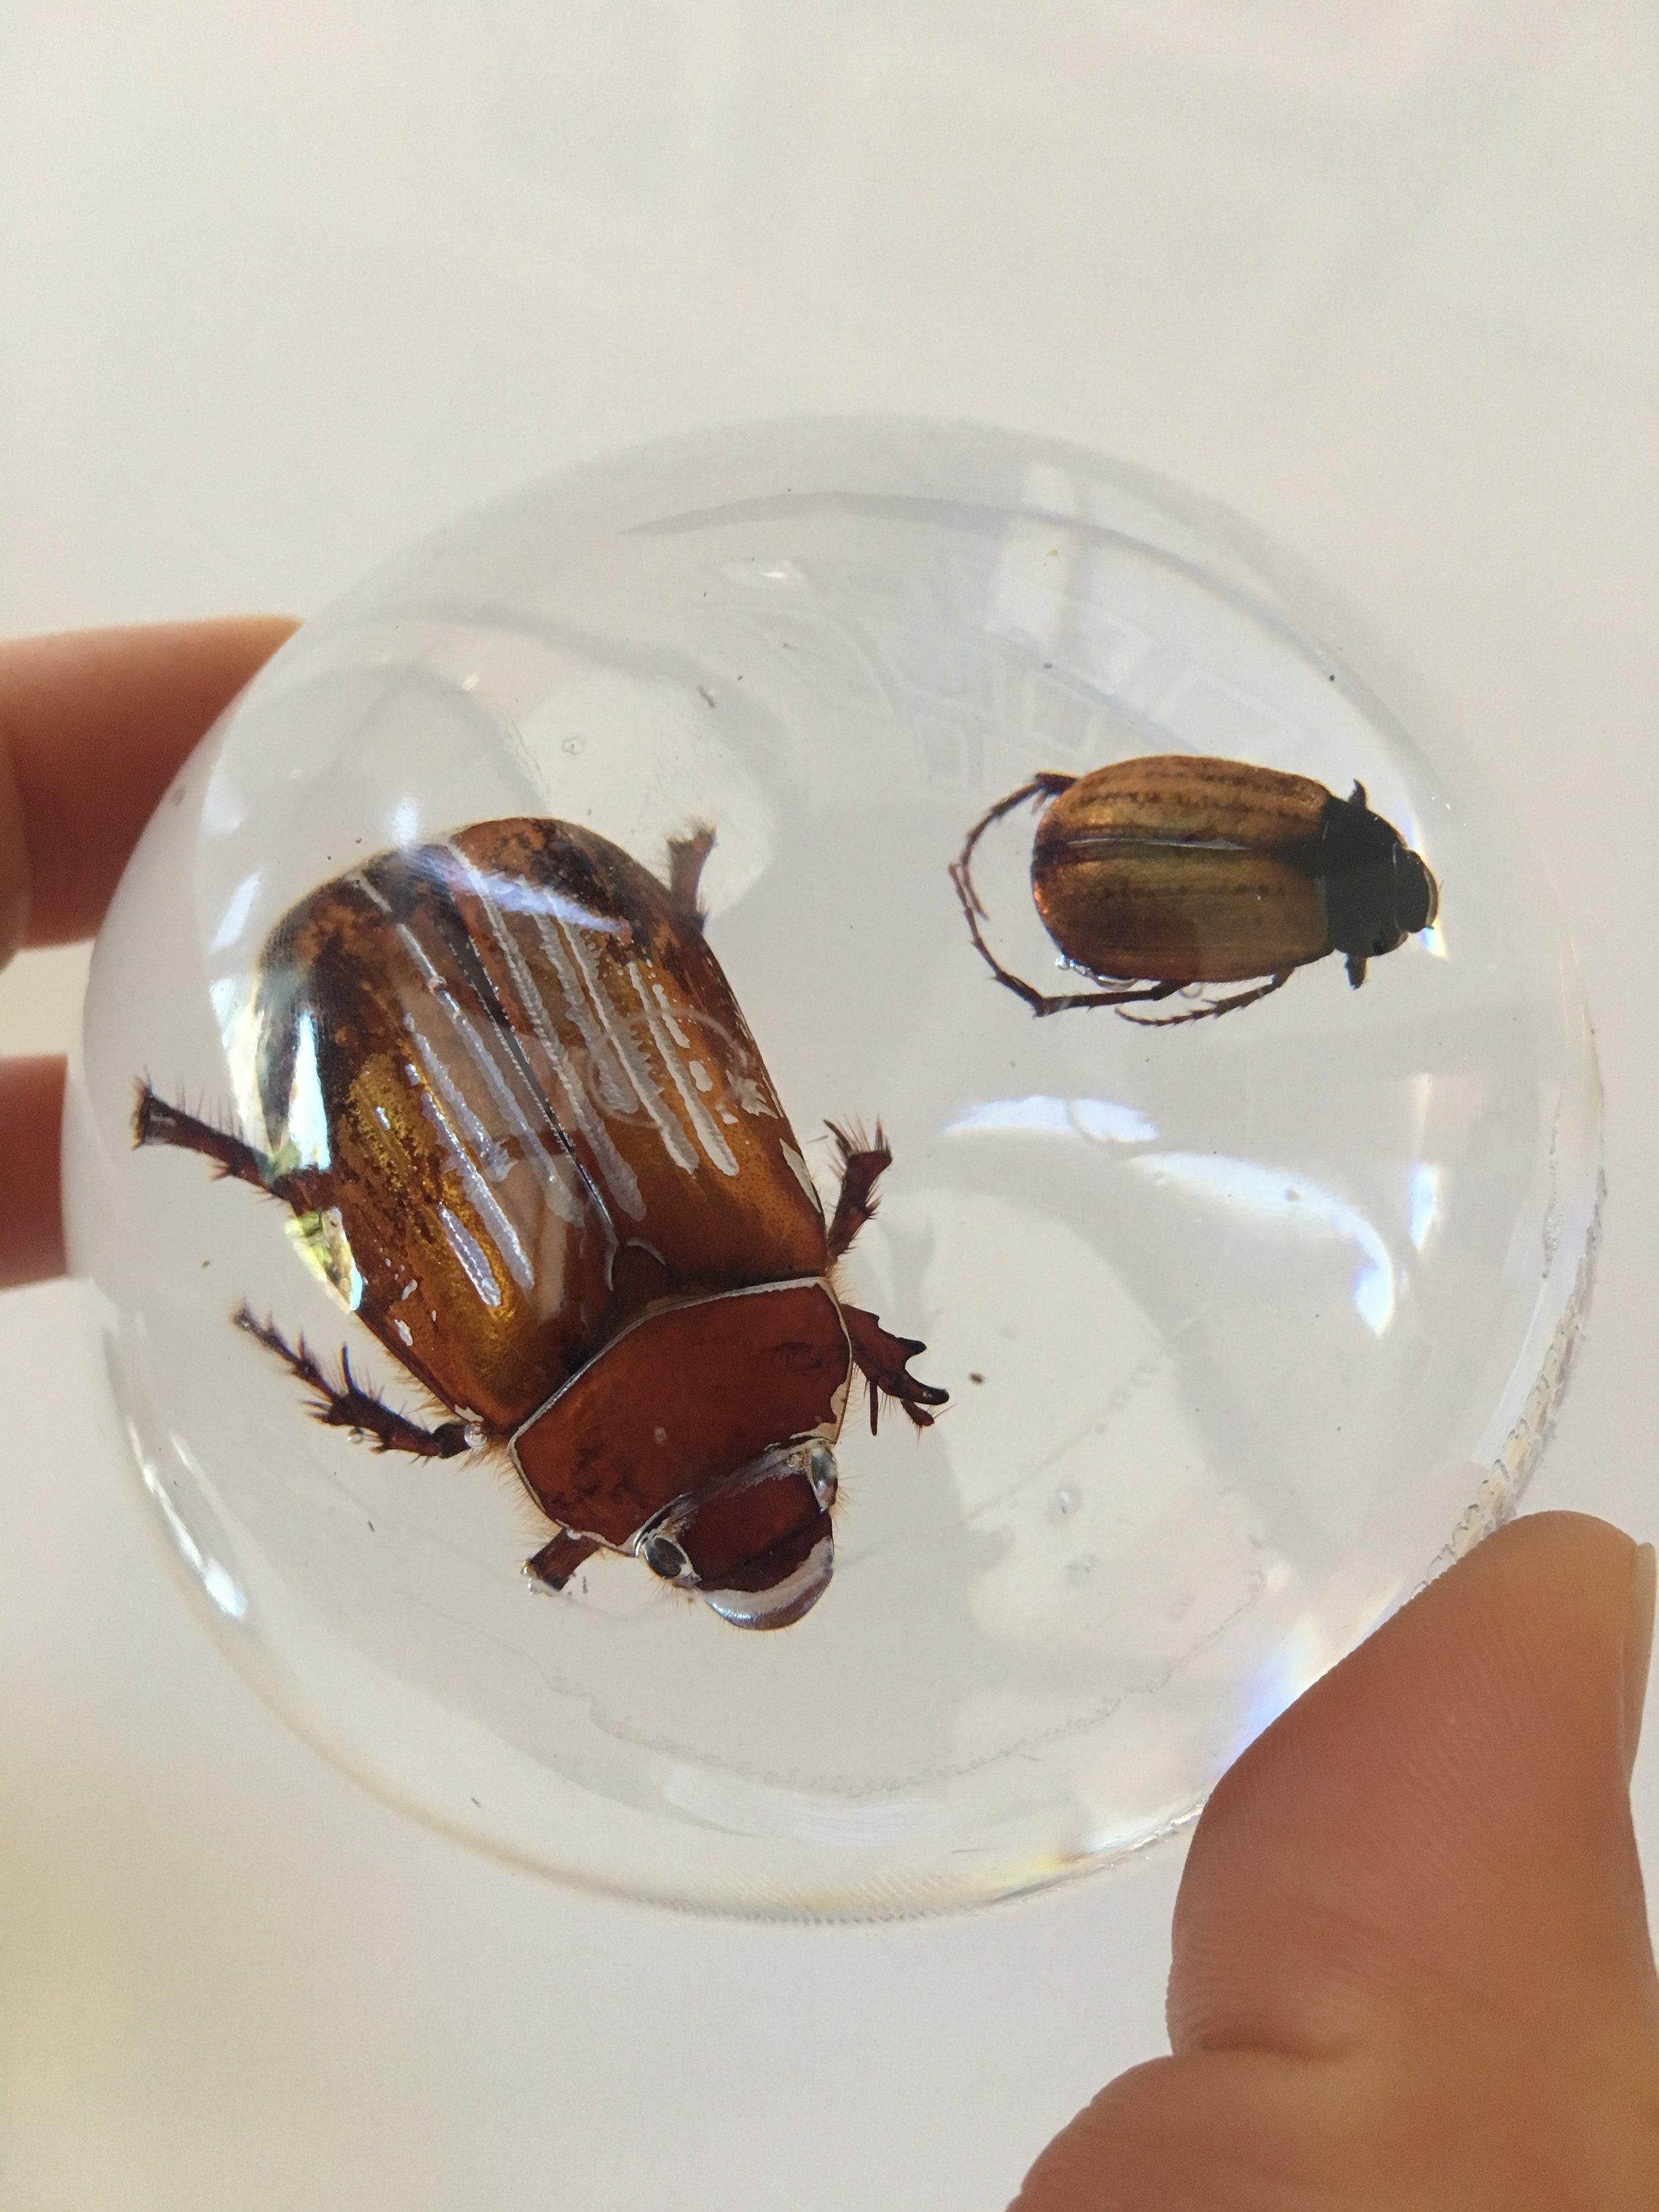 Beetles cast in resin